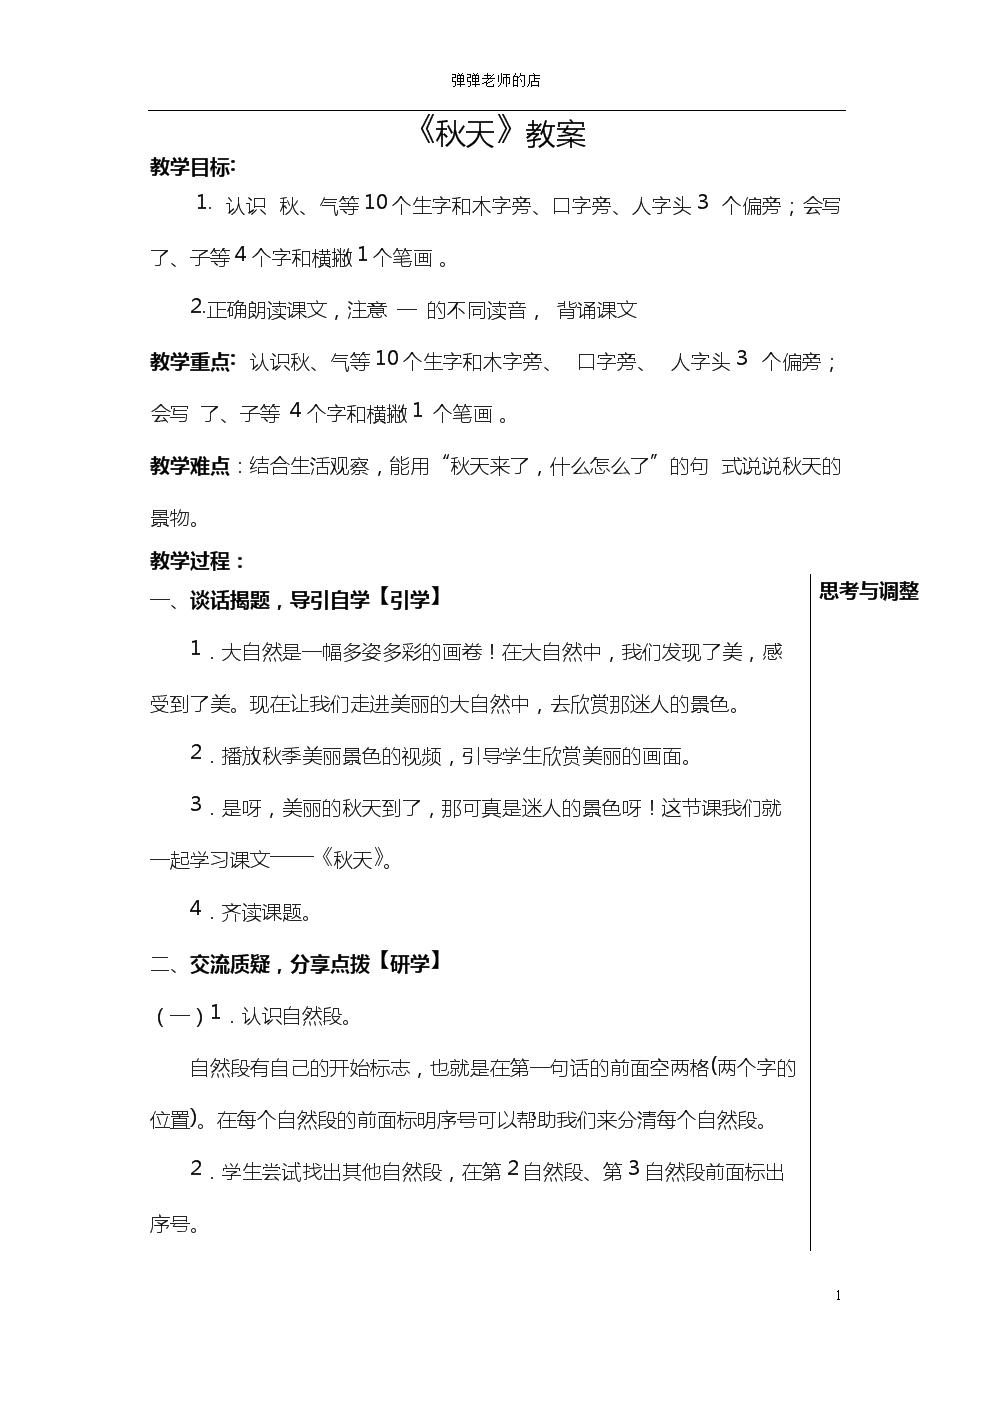 一年级上册语文优秀教案-秋天 部编版.docx